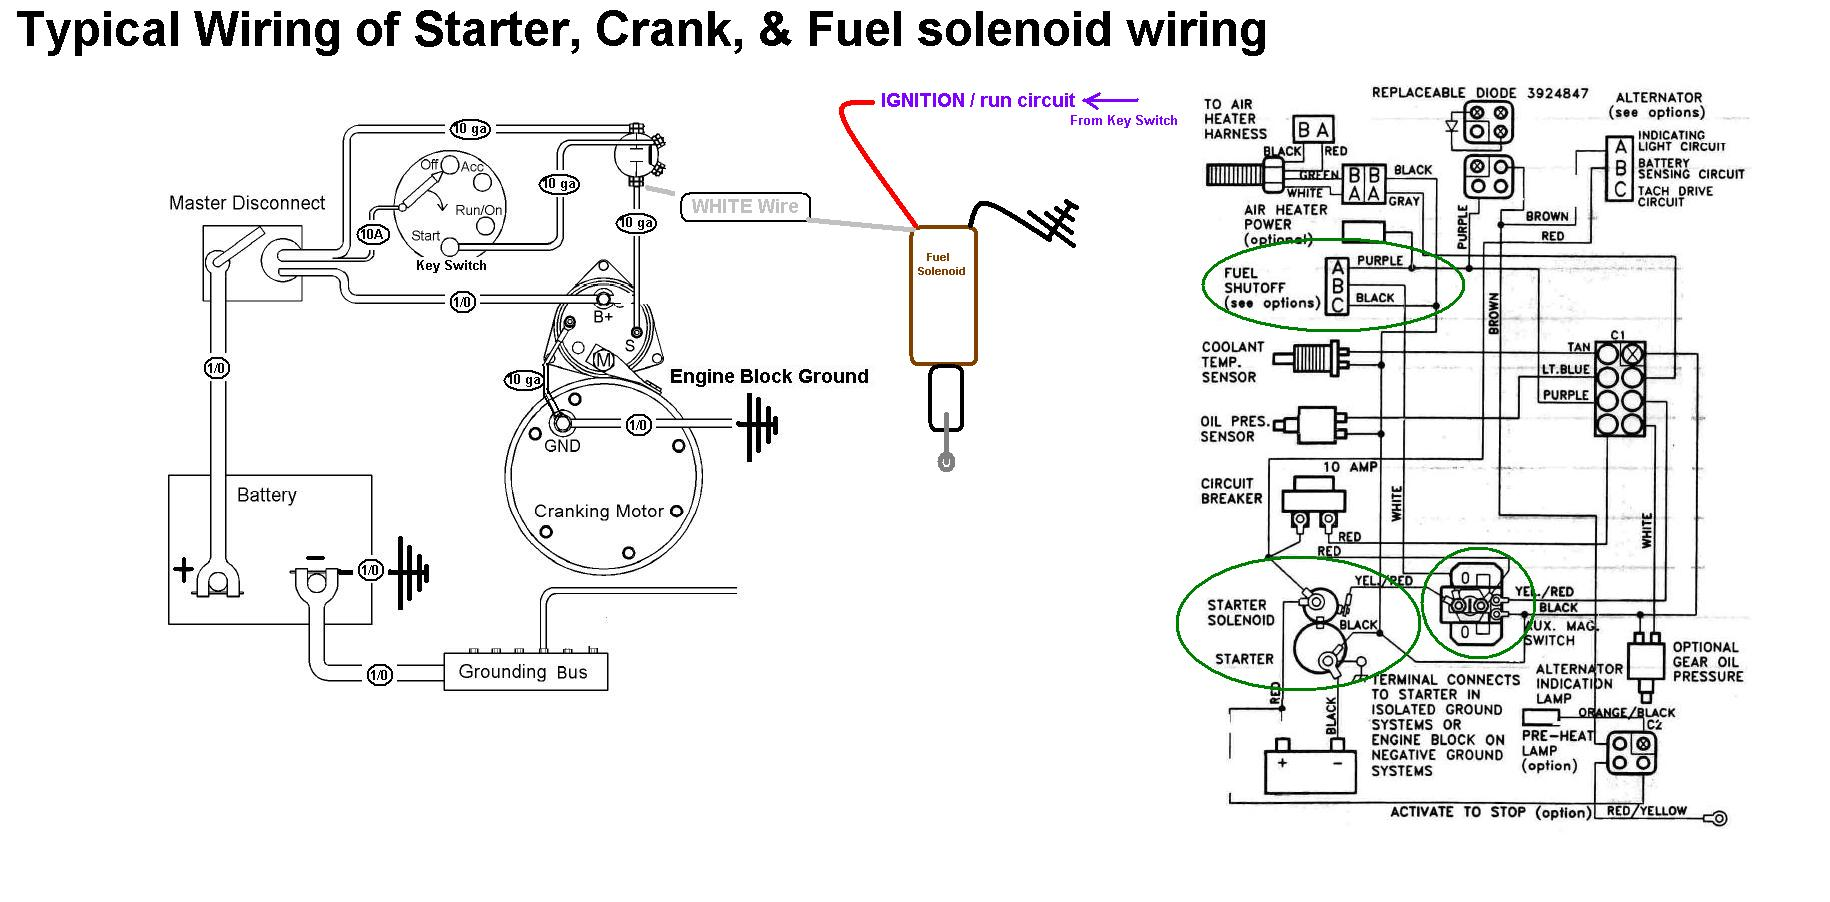 marine starter solenoid wiring diagram